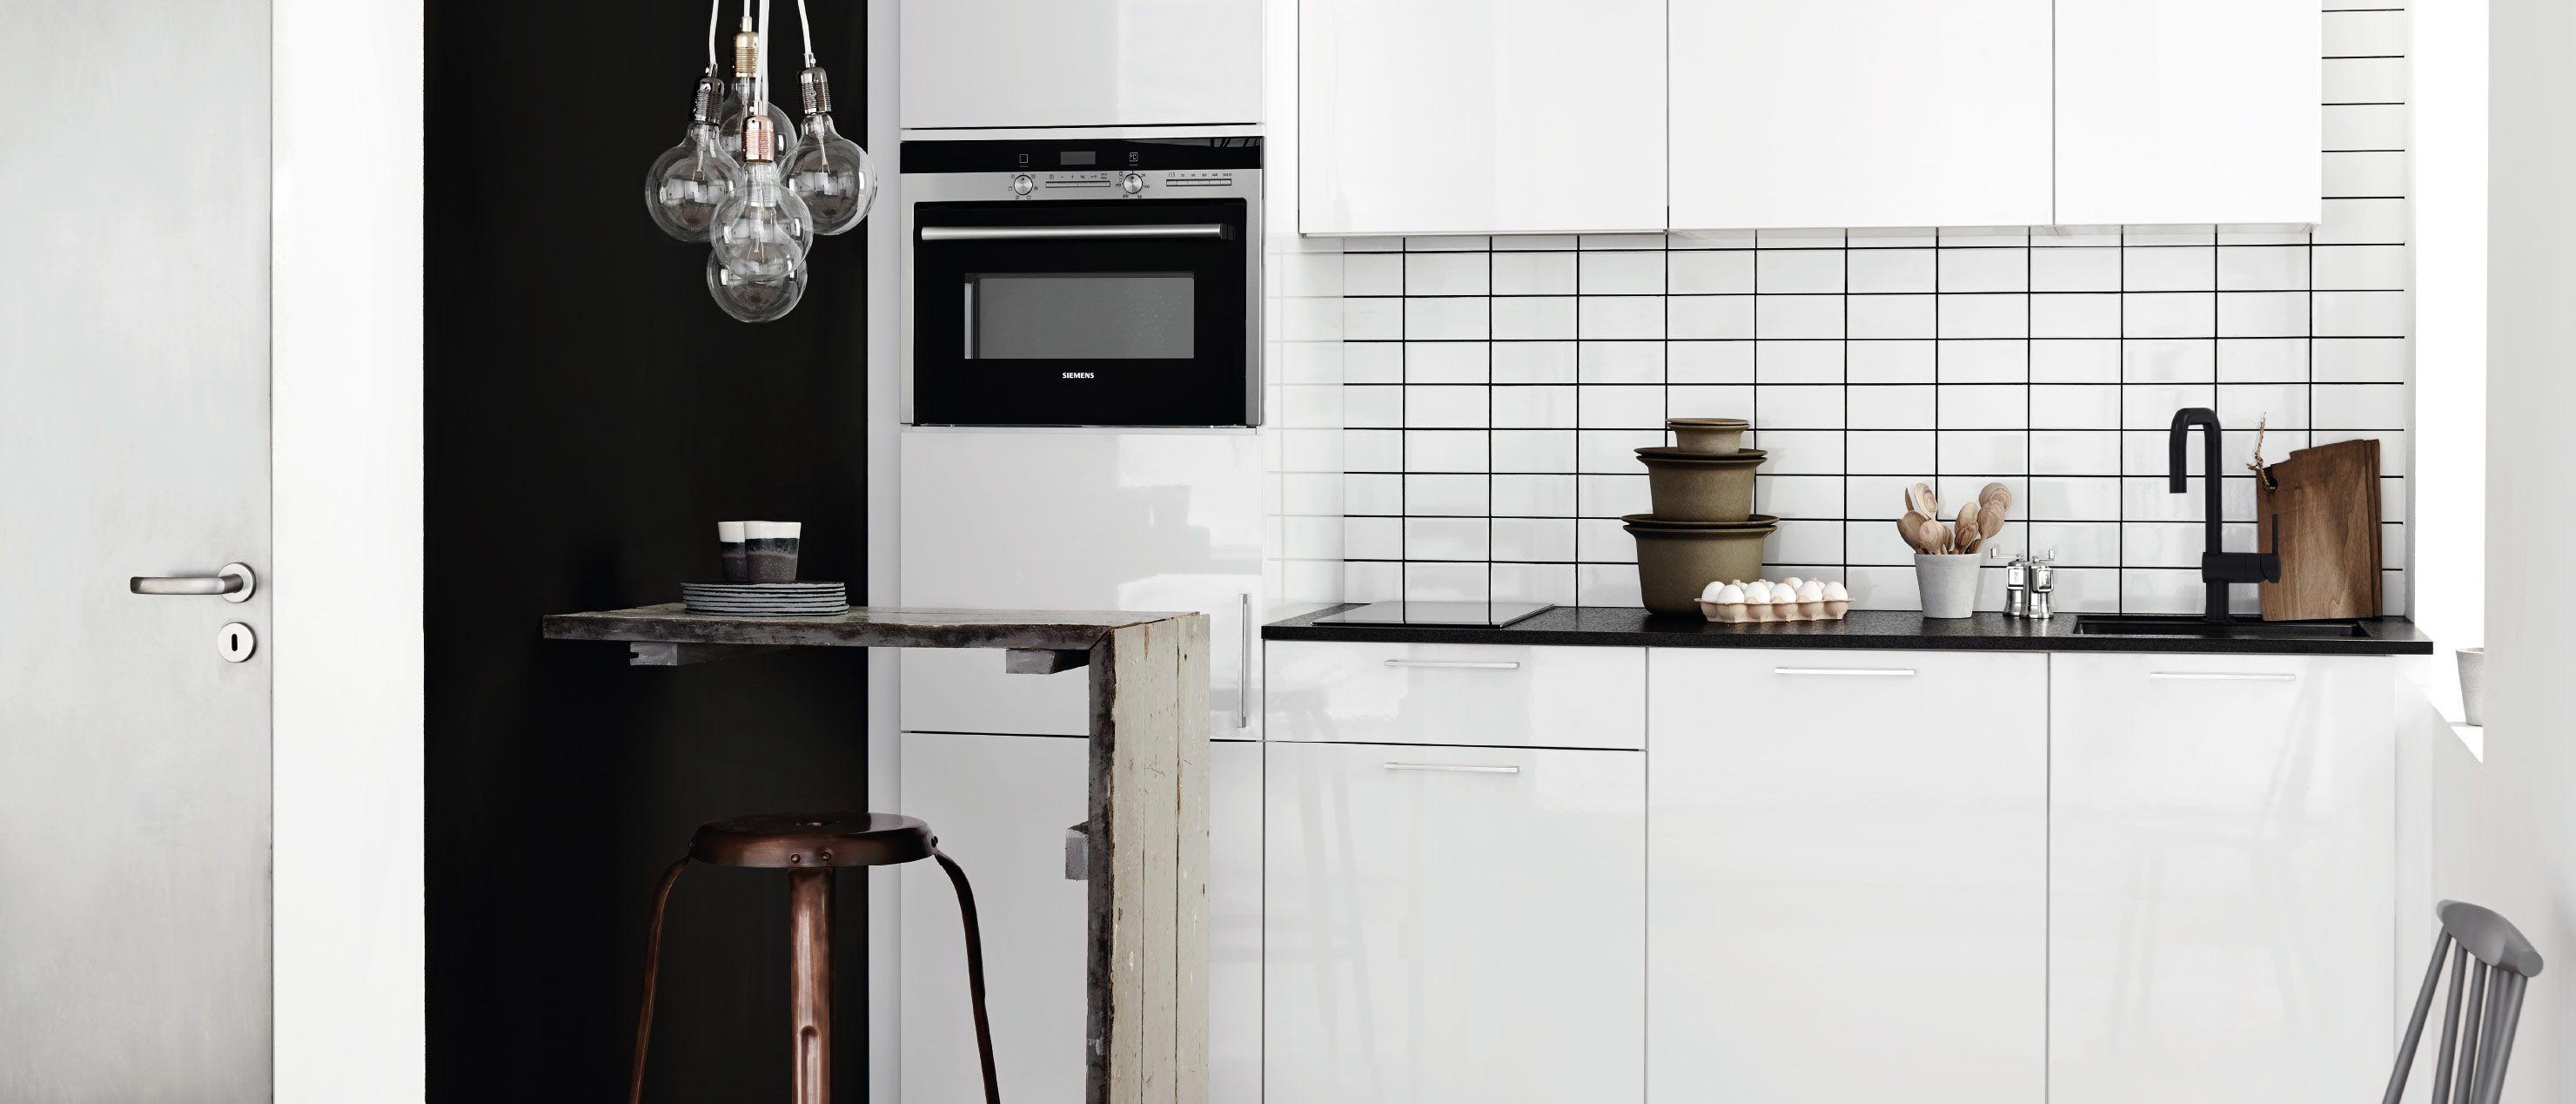 Mooie kleine keukens latest keuken in uitstekende for Keuken outlet alkmaar